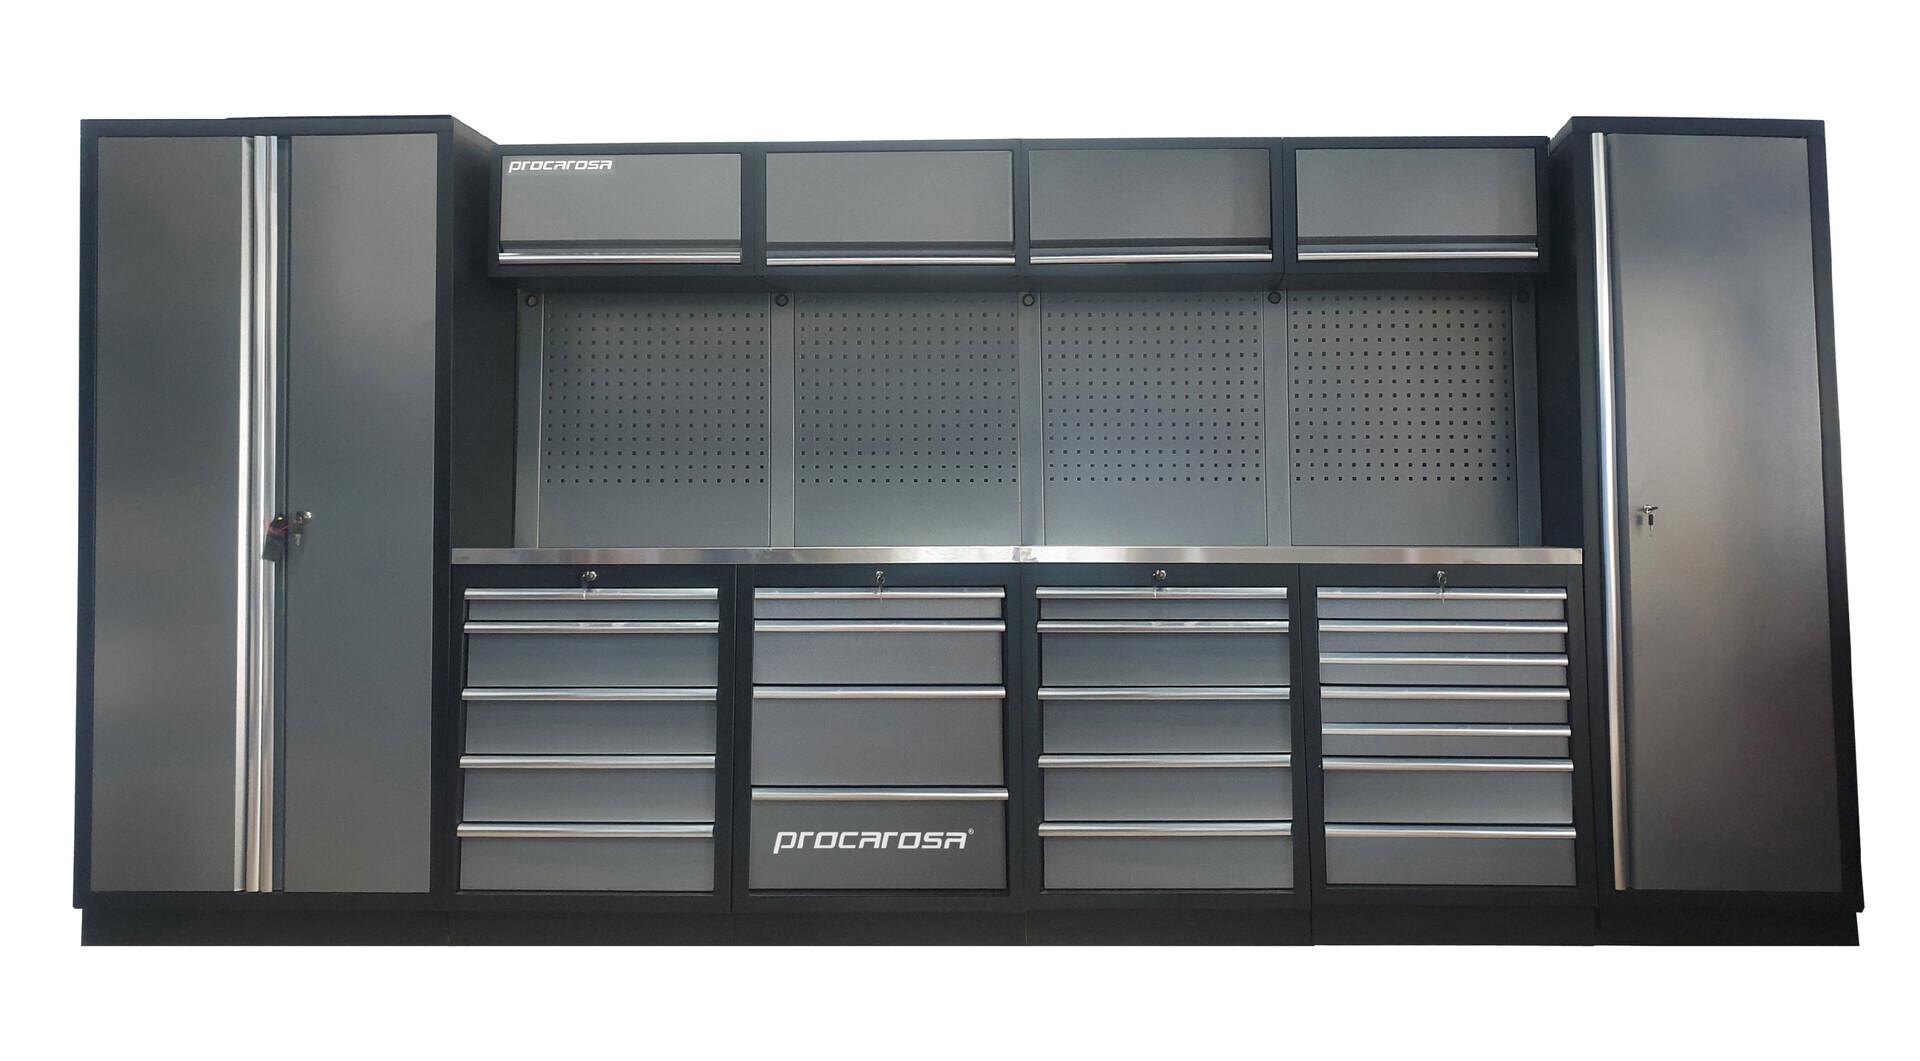 Sestava dílenského nábytku Procarosa PROFESSIONAL XL-8 Pracovní deska: nerezová, Hmotnost: